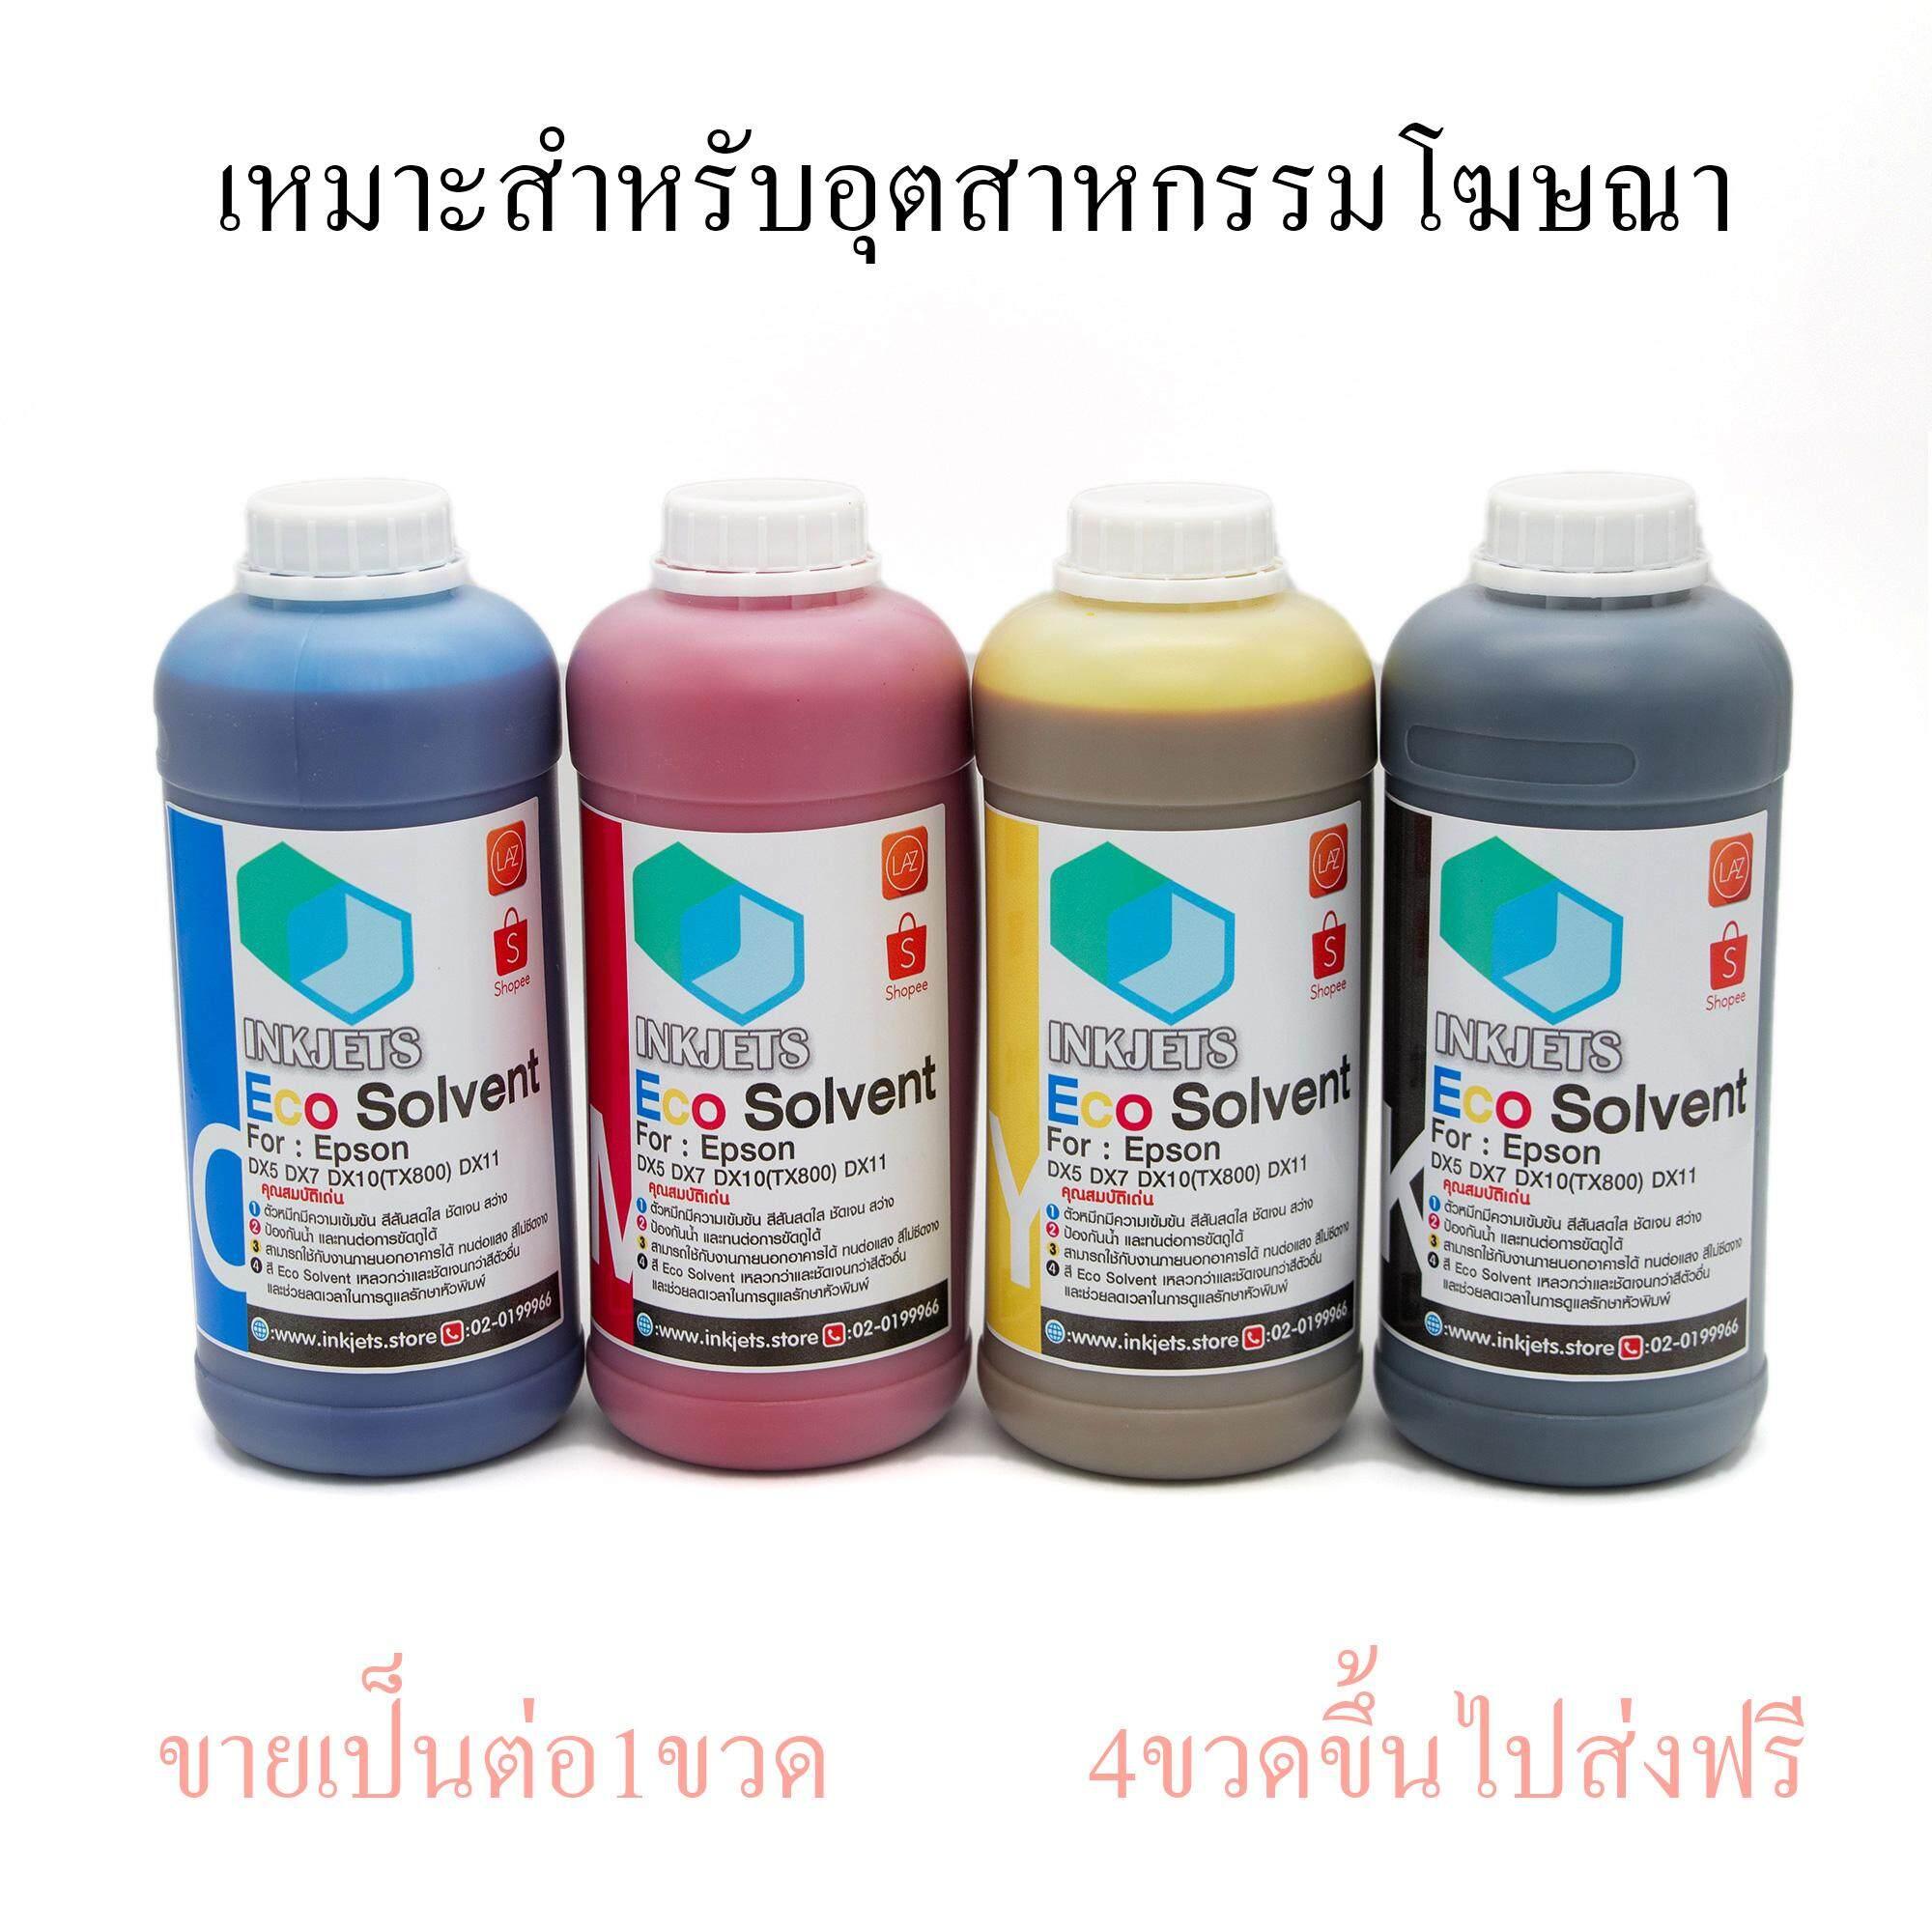 หมึก สี Eco Solvent 1 ลิตร สำหรับ หัวพิมพ์ Epson Dx5 Dx7 Dx10 (tx800) Dx11 Xp600 Eps 4720 3200 Outdoor Printer Ink.